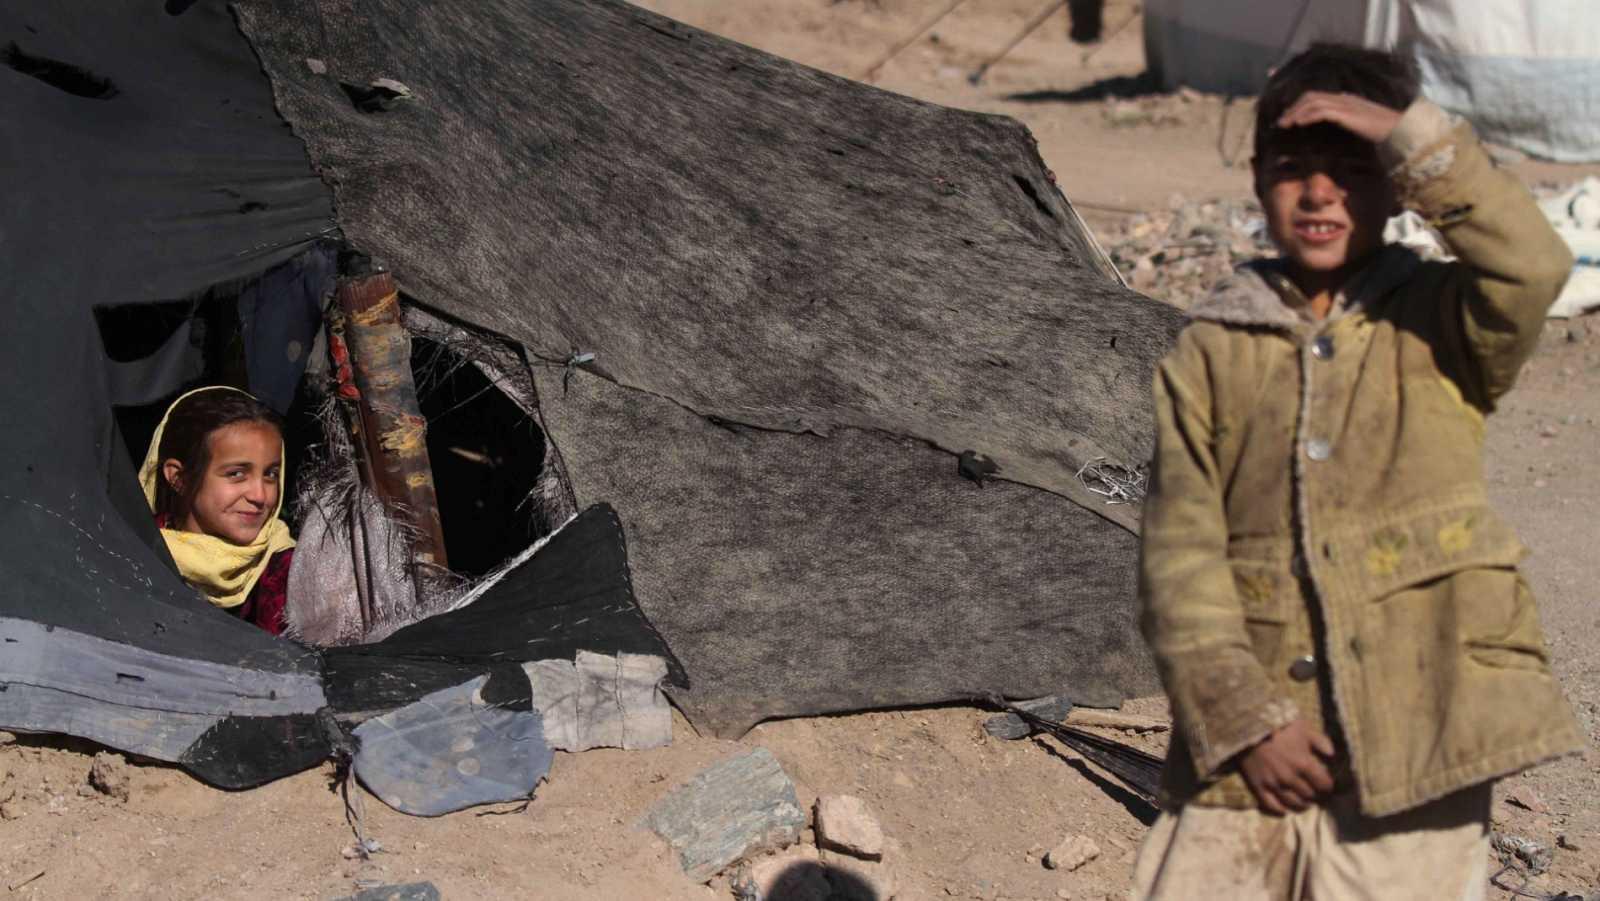 Familias afganas desplazadas a las afueras de la ciudad de Herat.